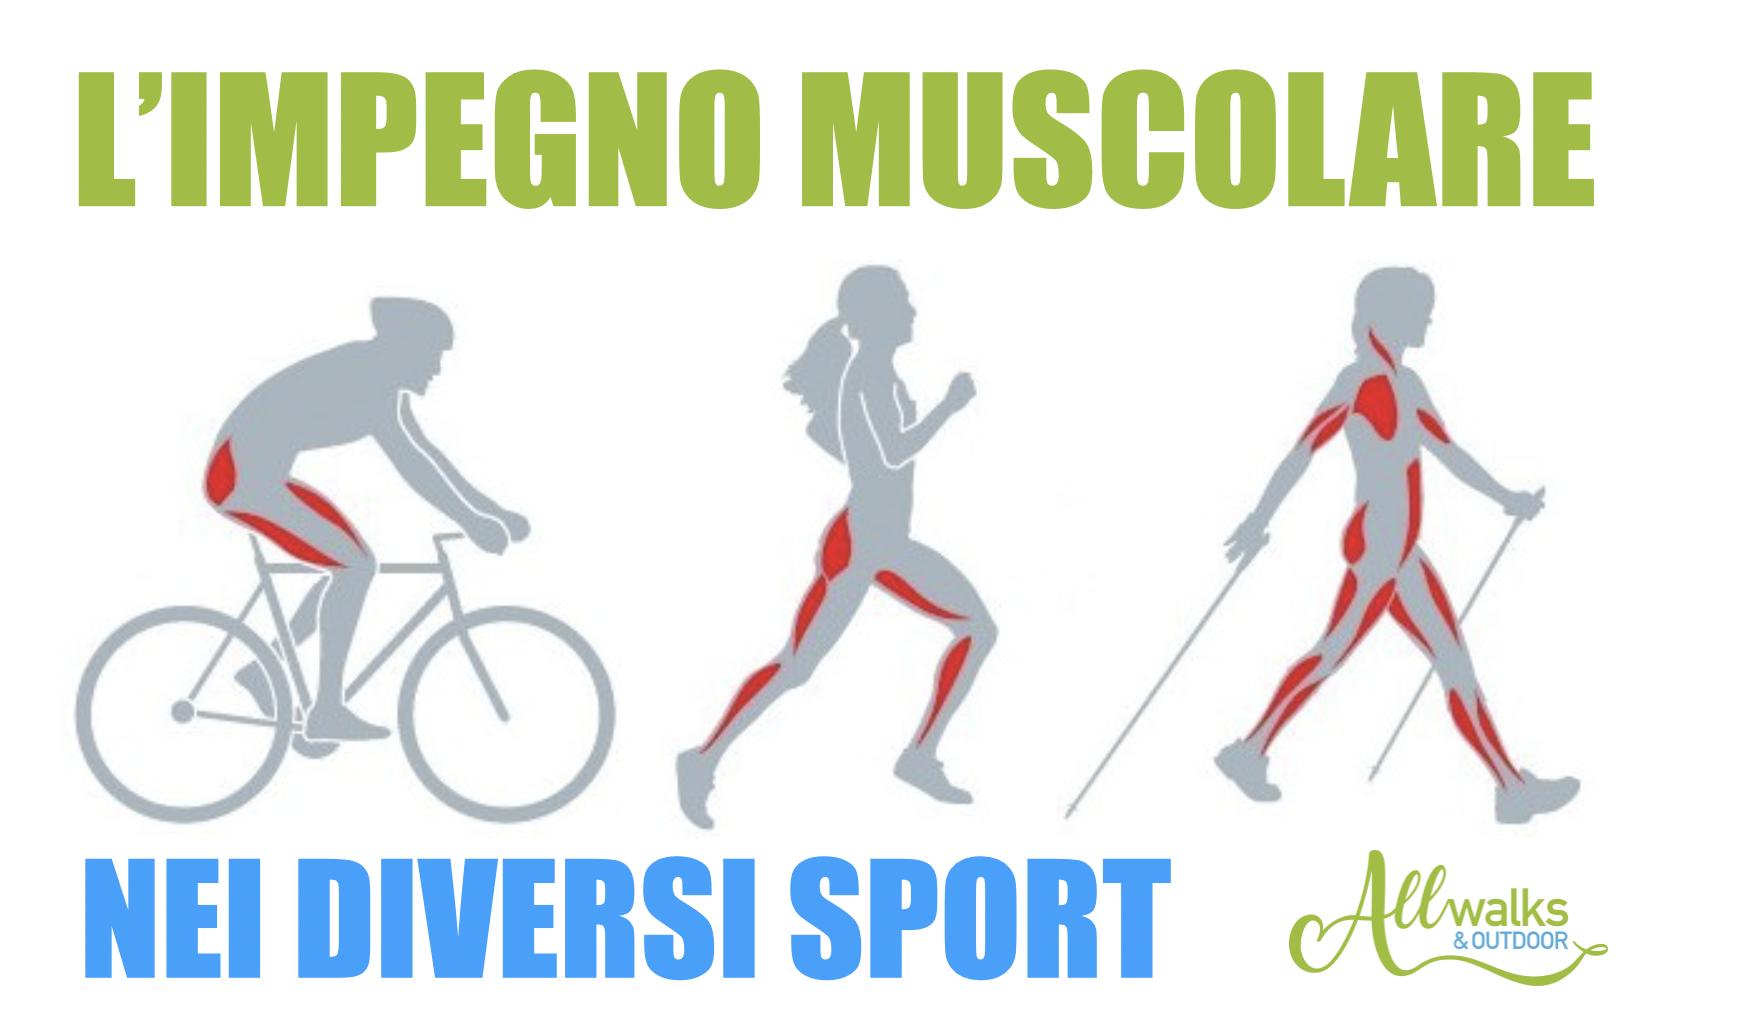 impegno muscolare